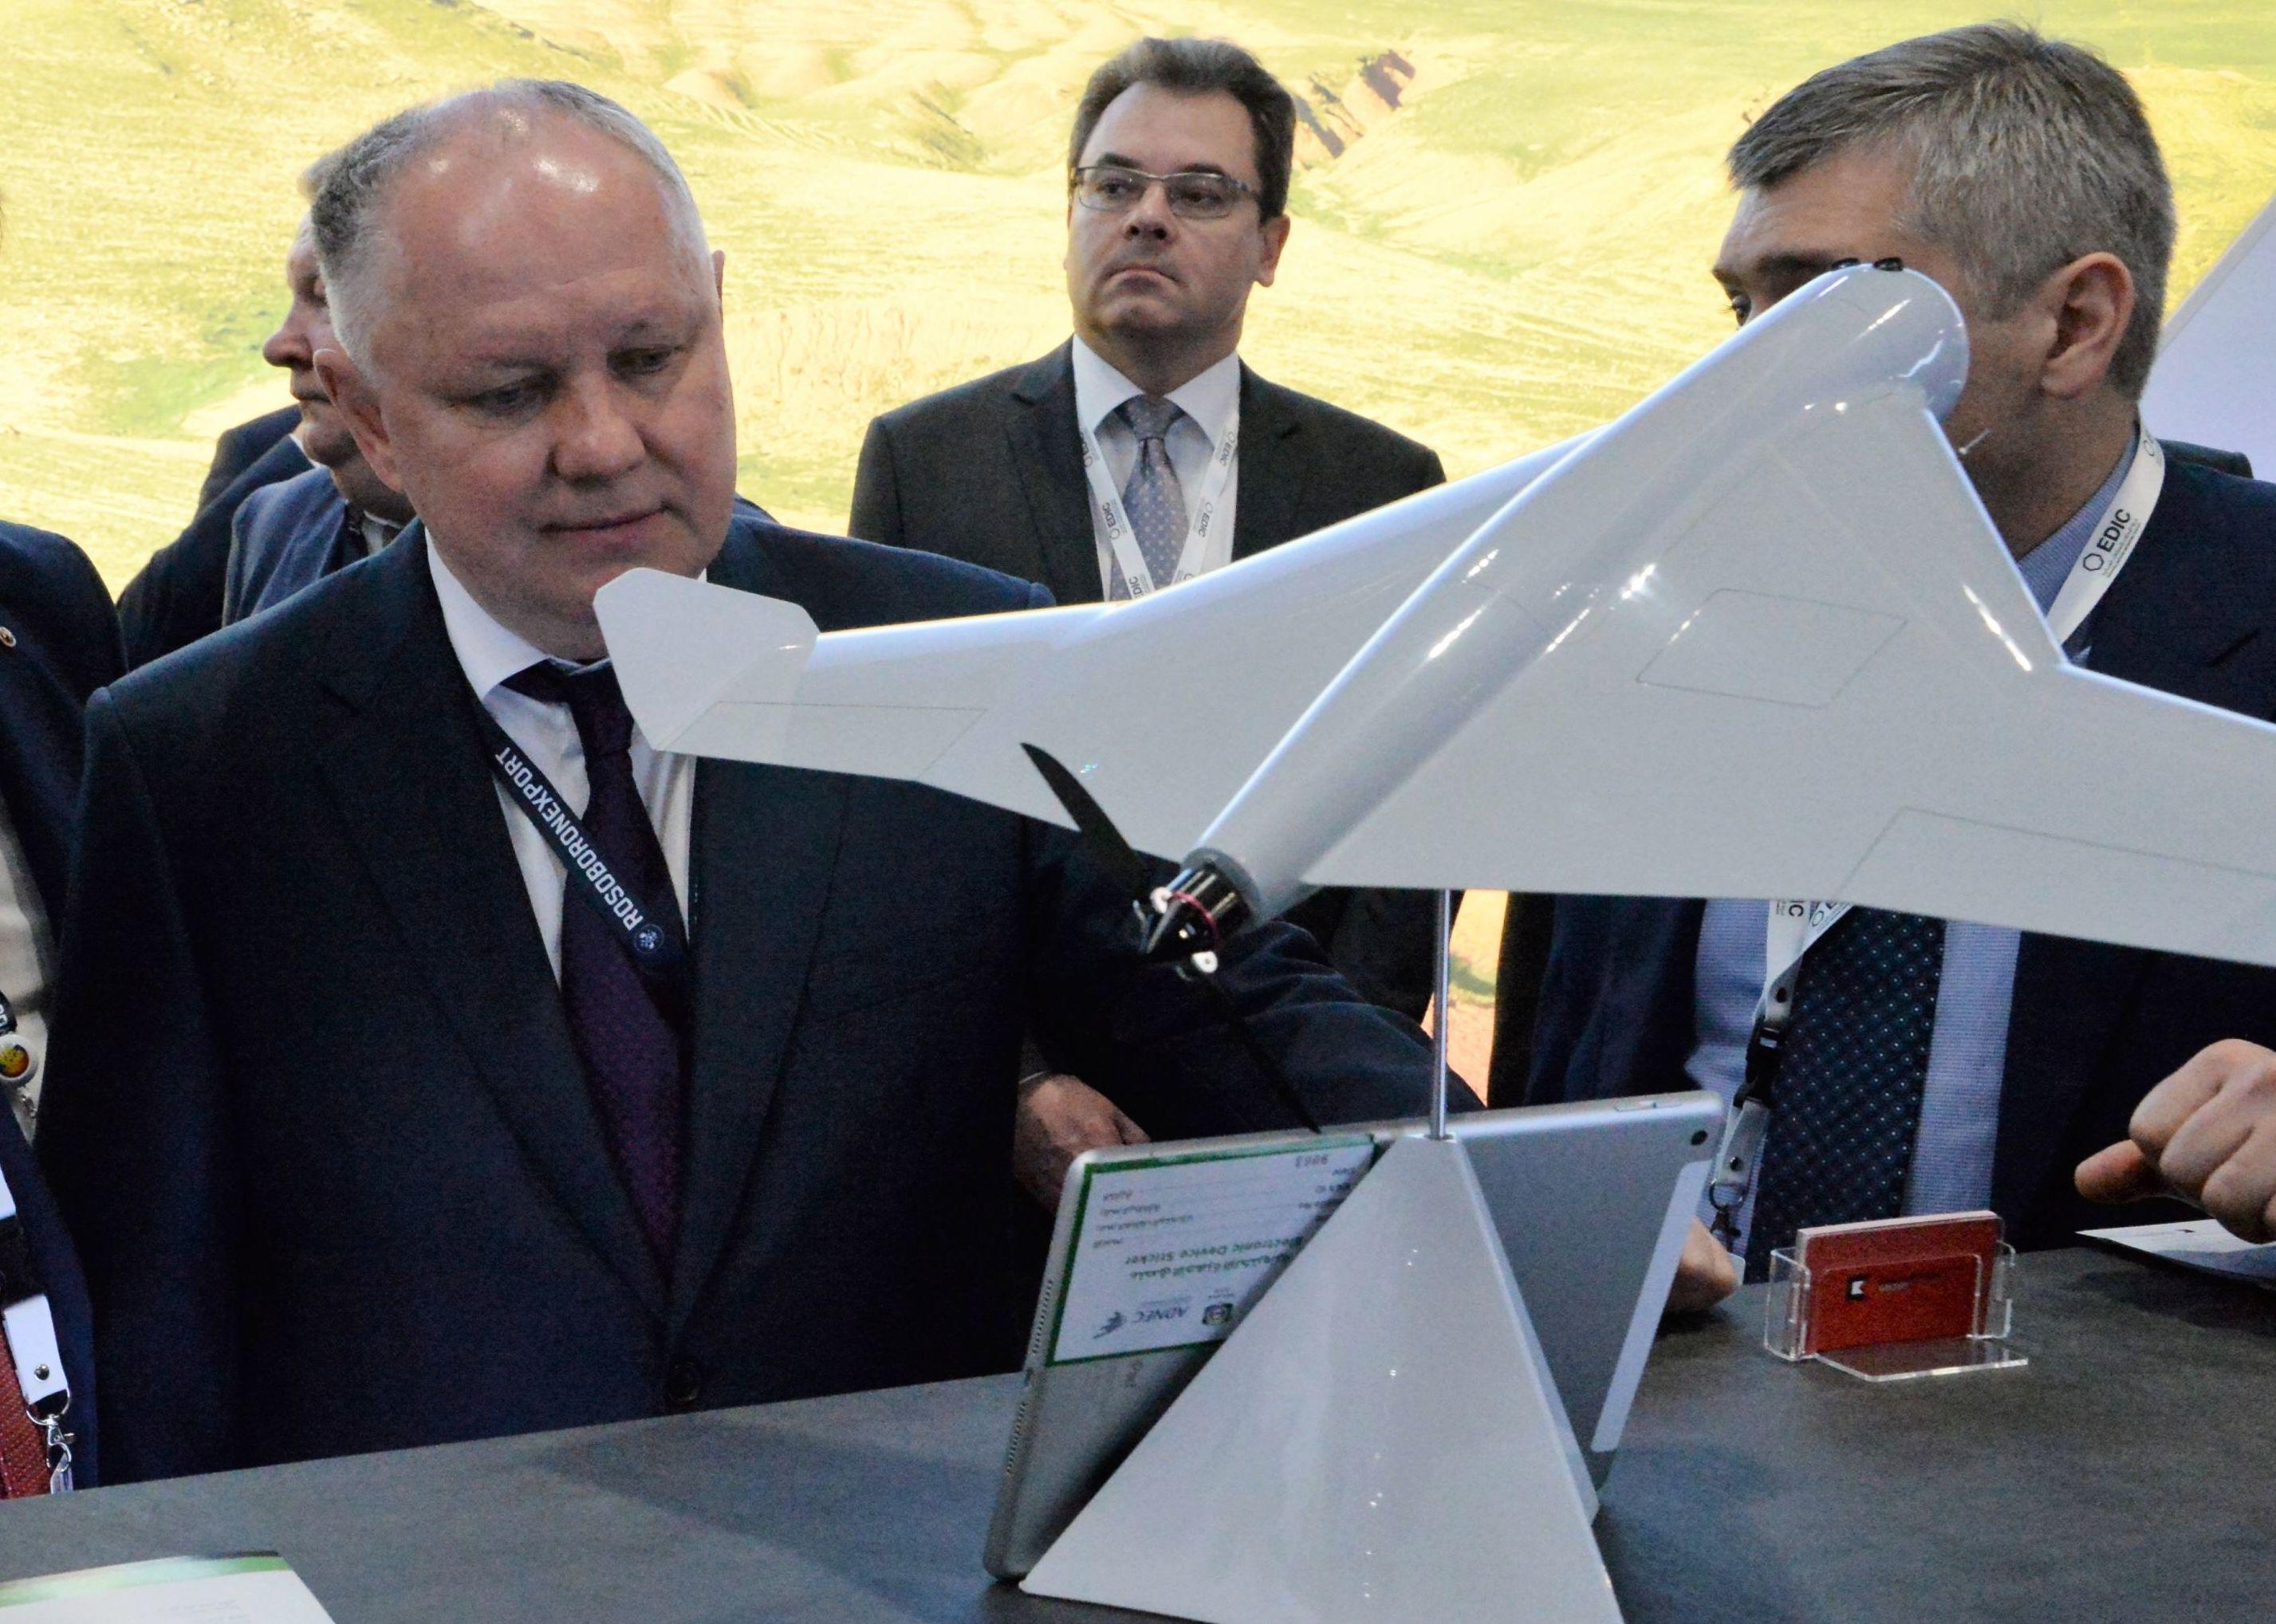 المدير العام لشركة روس أوبورون إكسبورت الروسية، ألكسندر ميخييف (يسار) يتفقد طائرة بدون طيار كوف (KYB)، من انتاج كلاشنيكوف في معرض آيدكس 2019